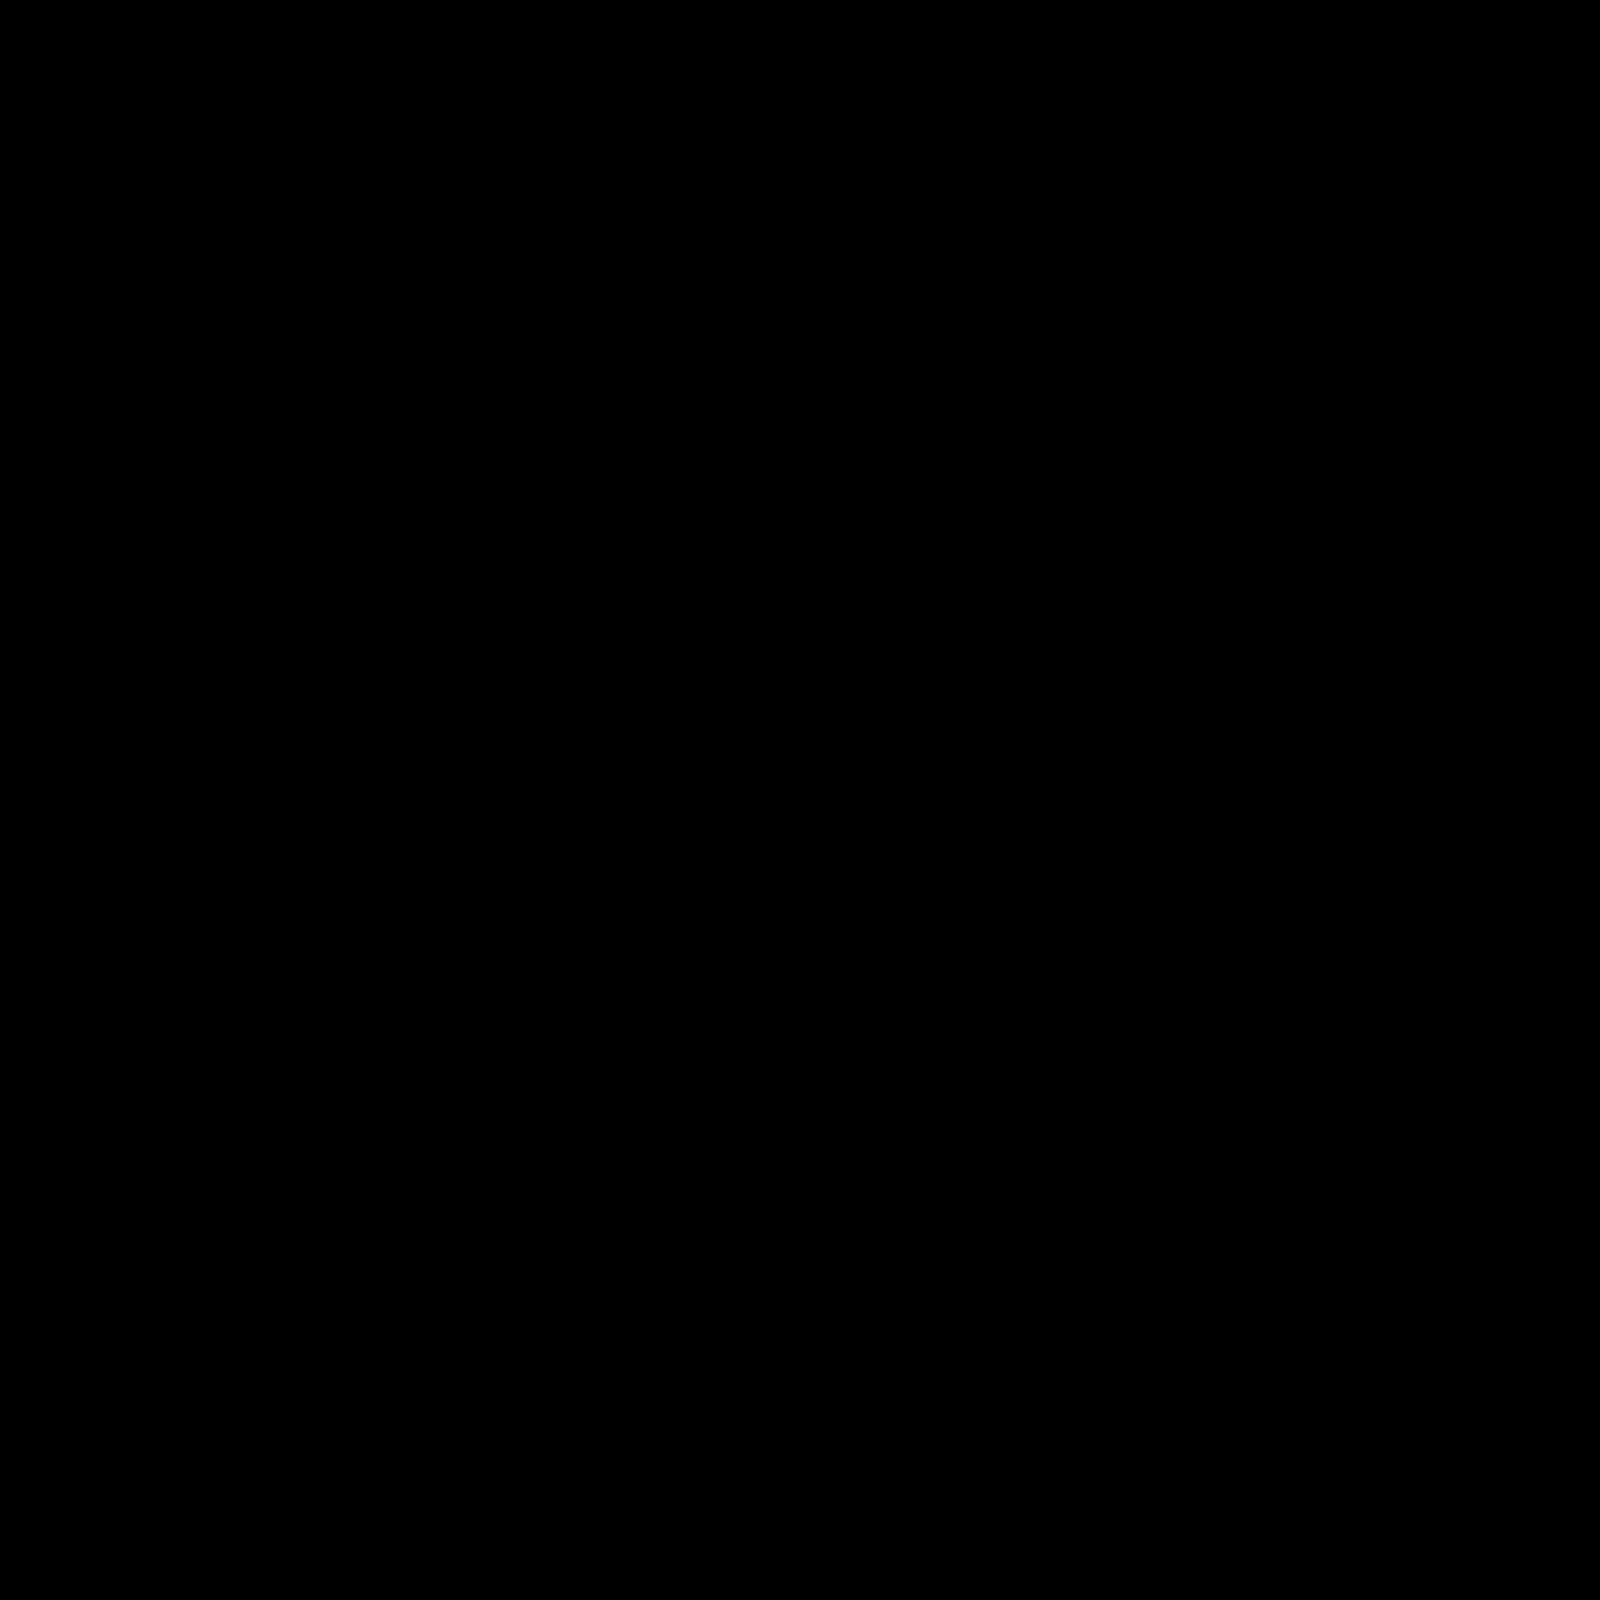 Elipsa icon